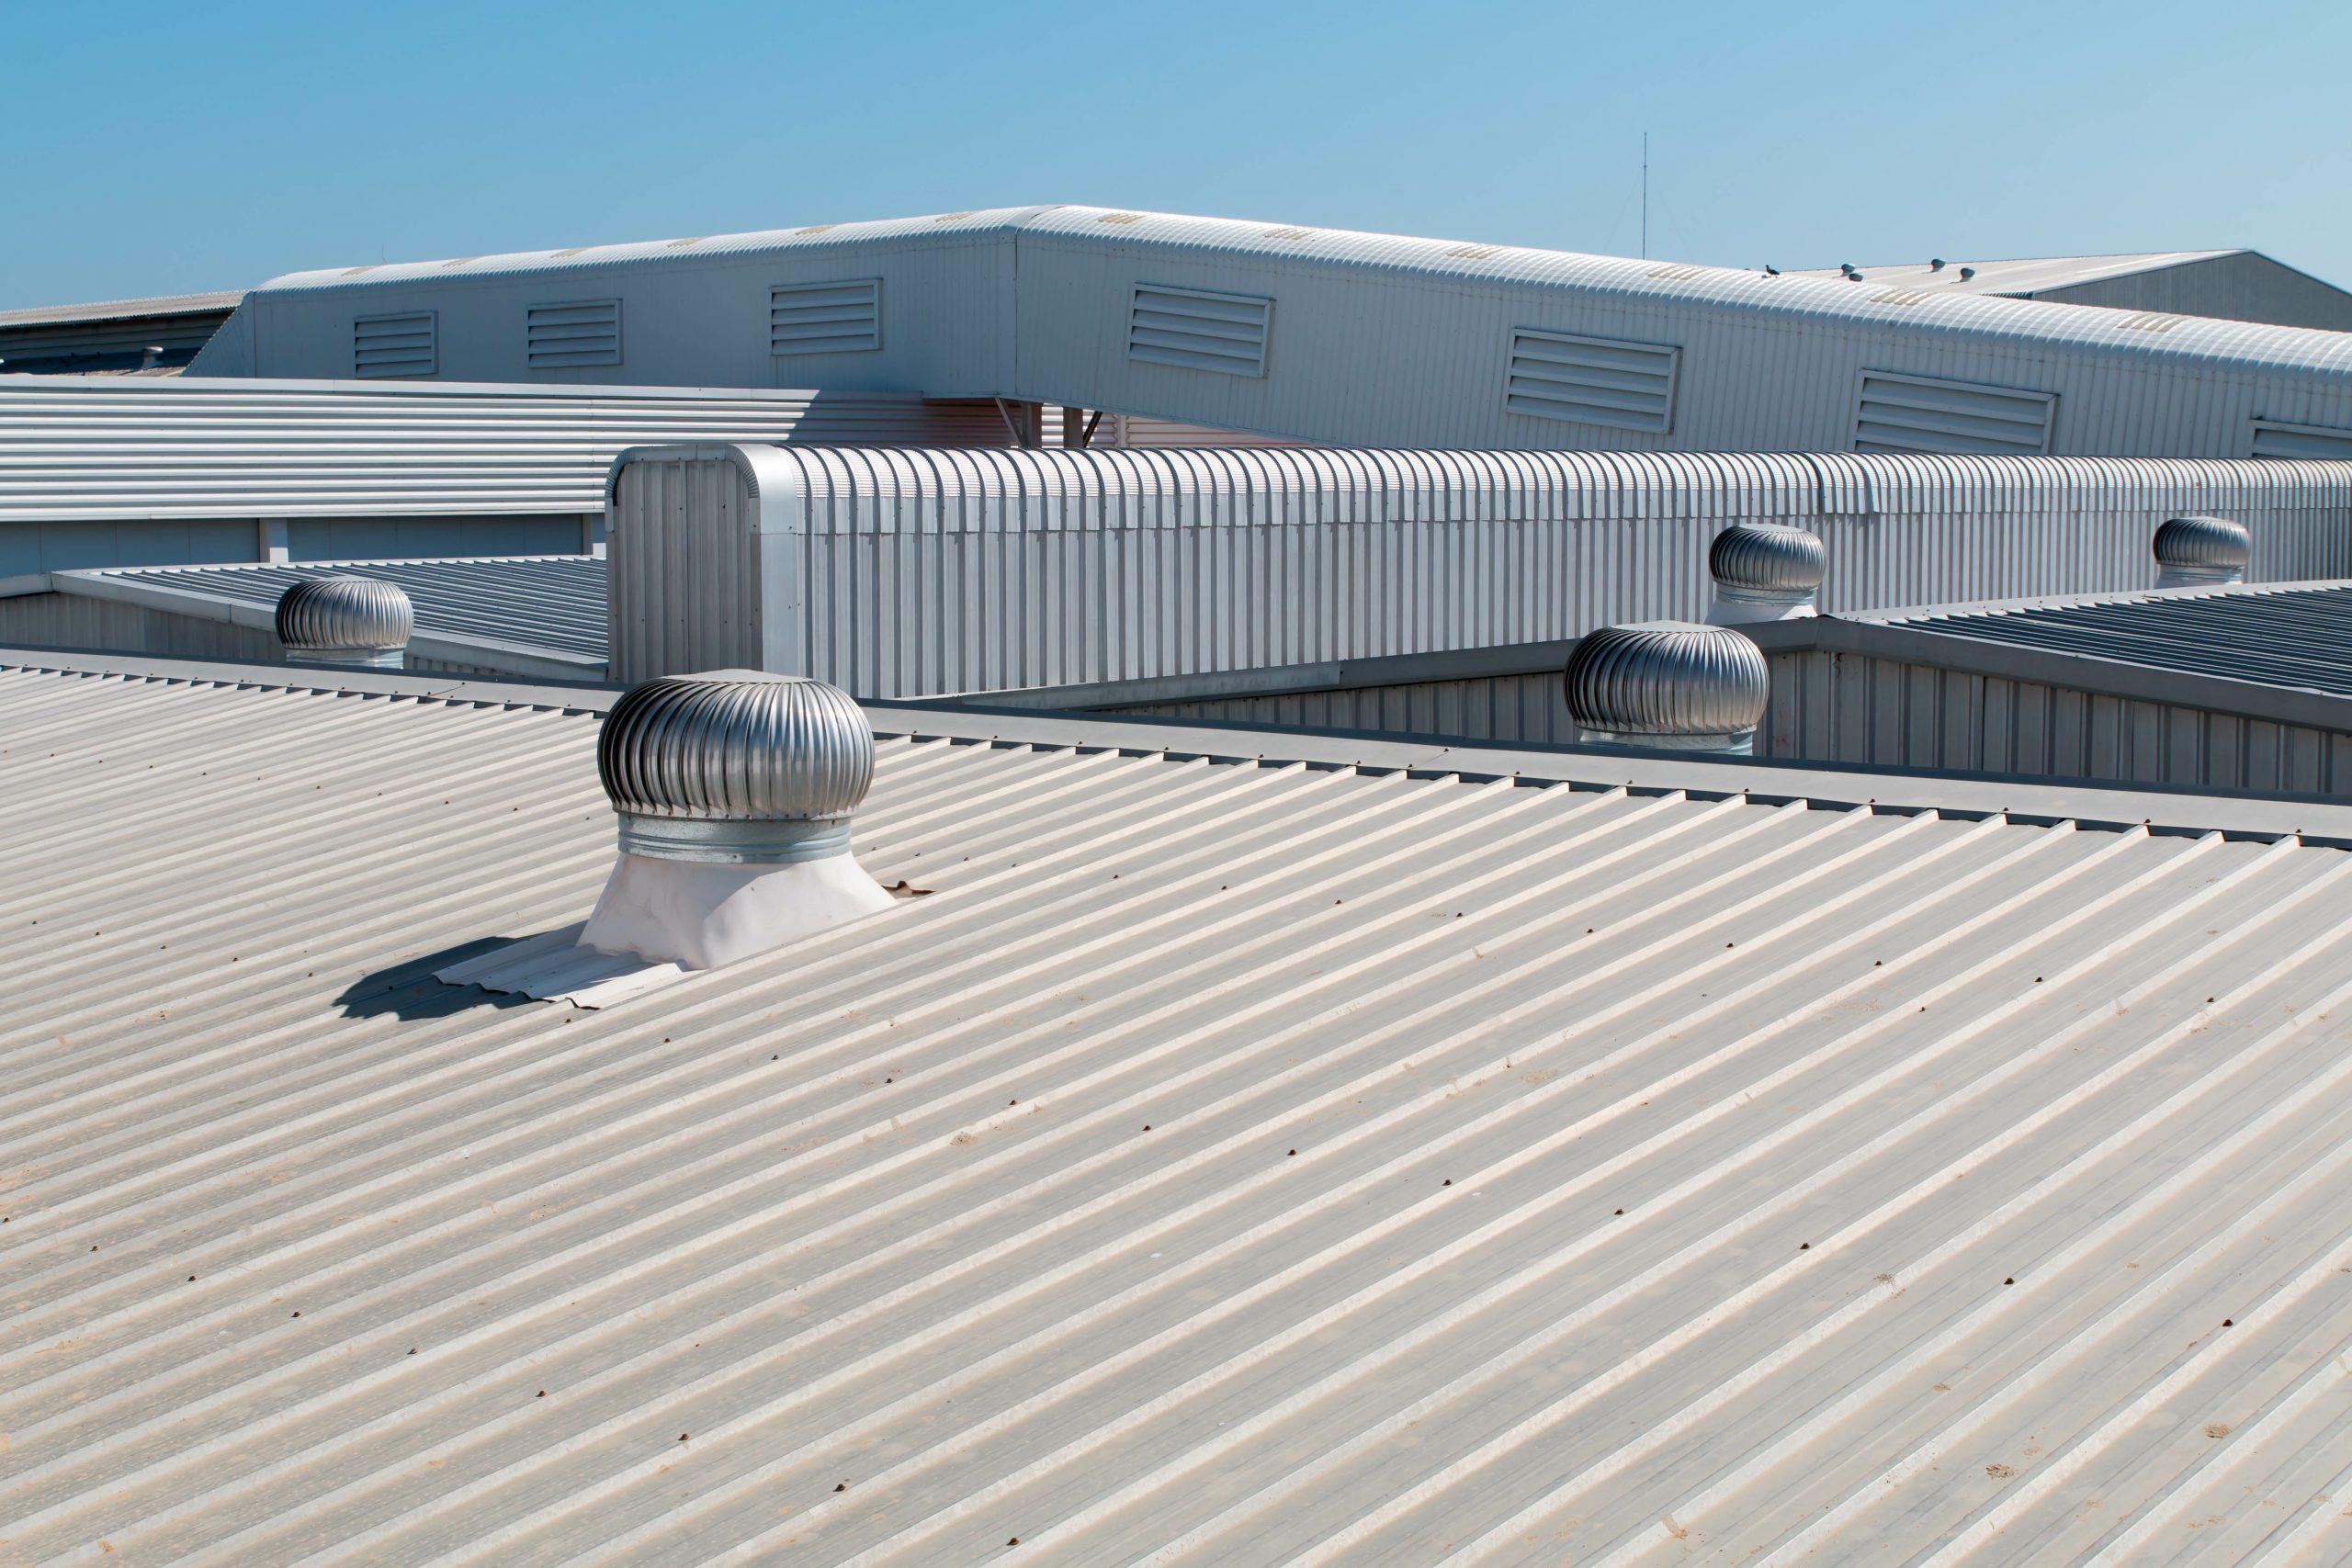 Roofing Contractor in Massachusetts